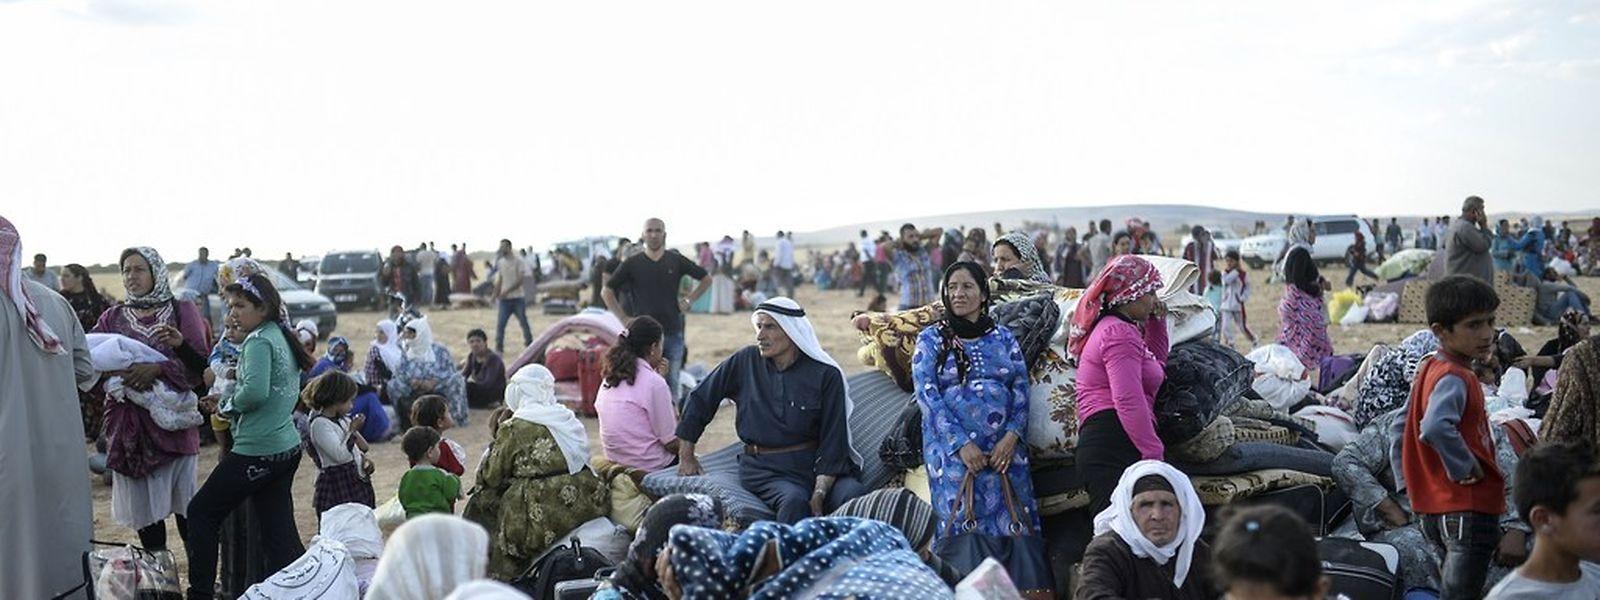 Zehntausenden Menschen blieb nichts anderes als die Flucht, nachdem IS-Extremisten Ende vergangener Woche Angriffe auf kurdische Dörfer im syrisch-türkischen Grenzgebiet gestartet hatten.